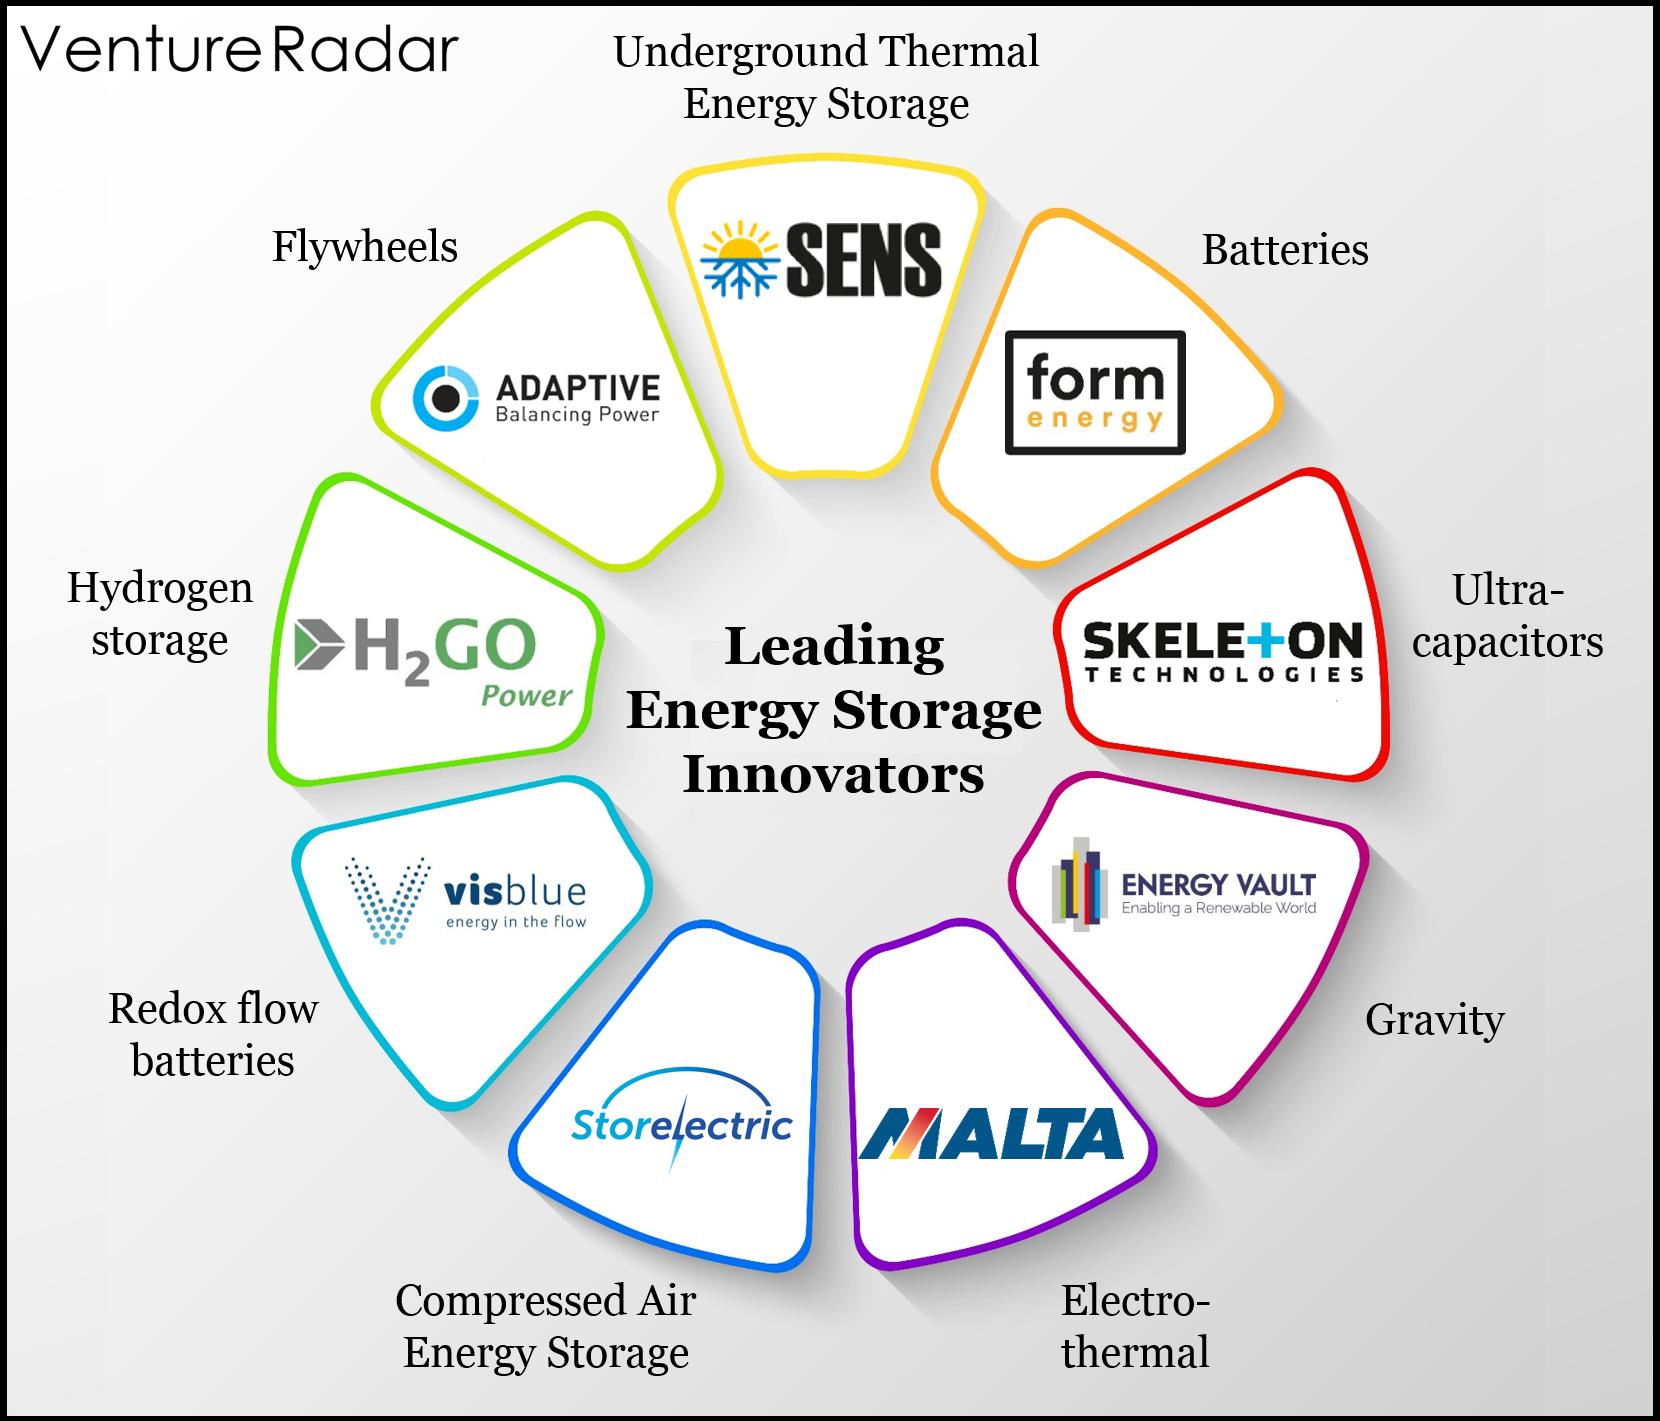 Energy Storage Companies